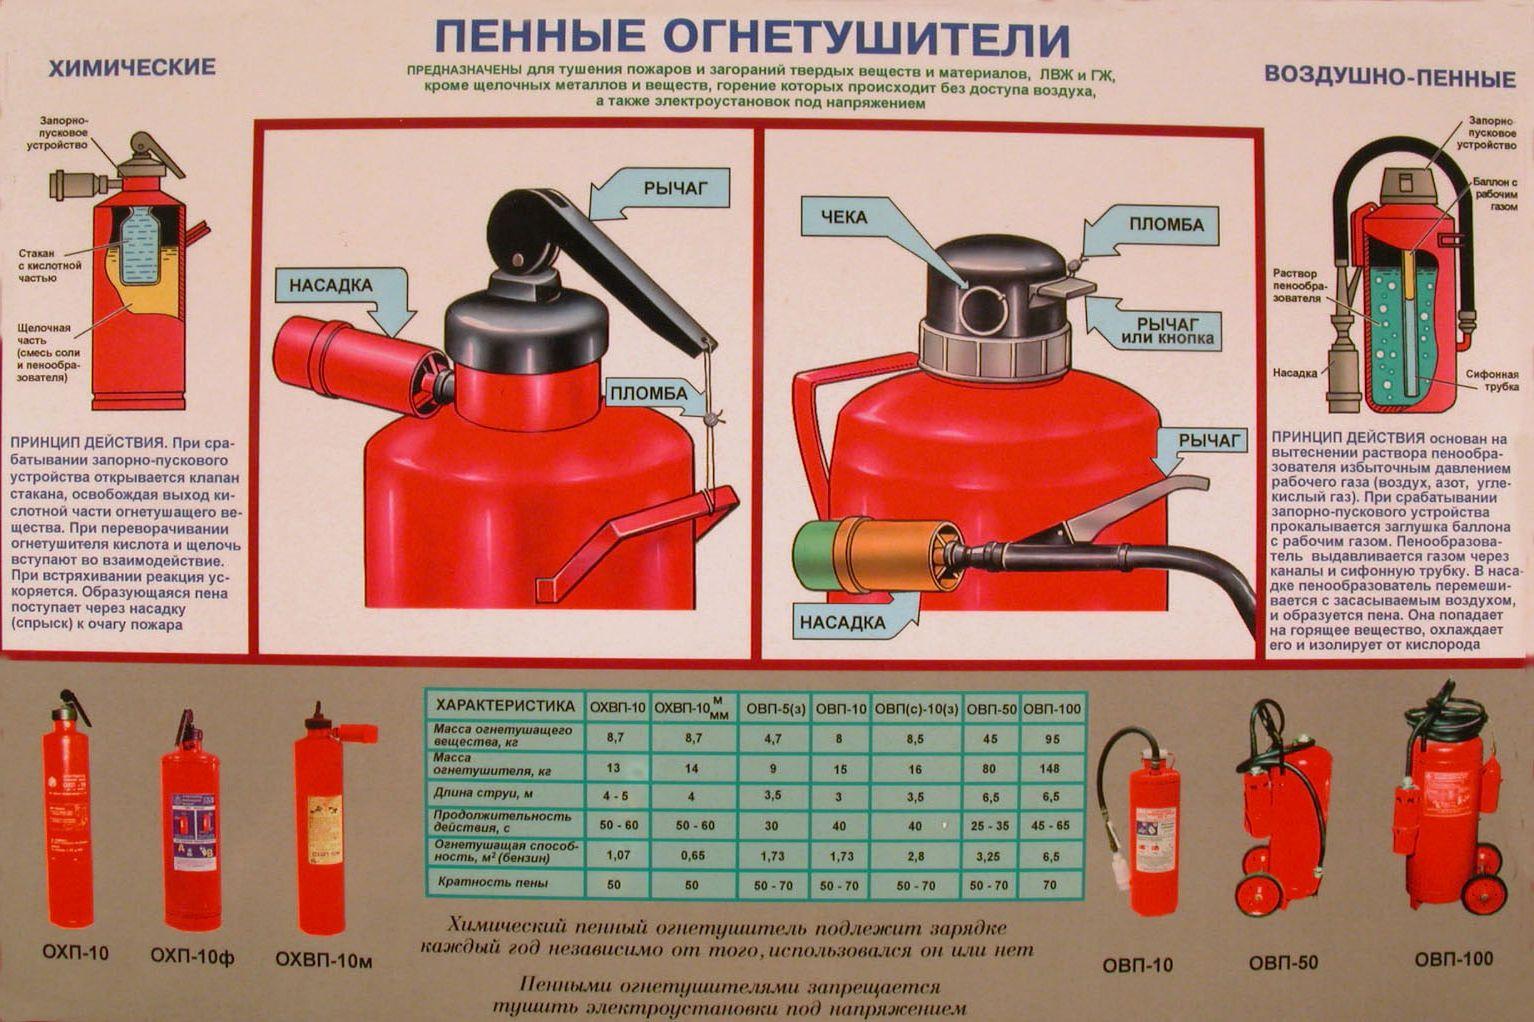 Инструкция как пользоваться огнетушителями